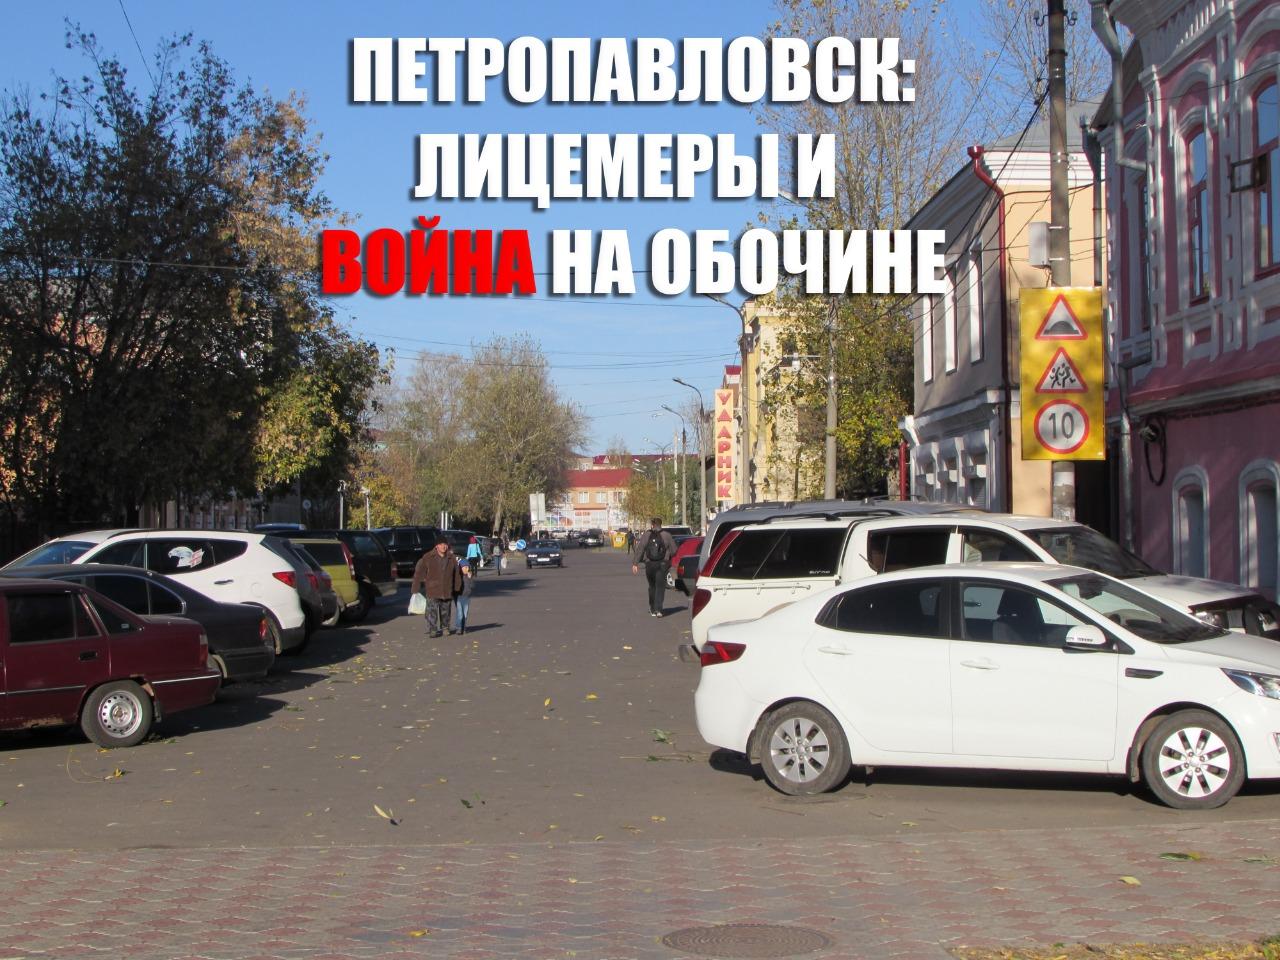 Петропавловск: лицемеры и война на обочине